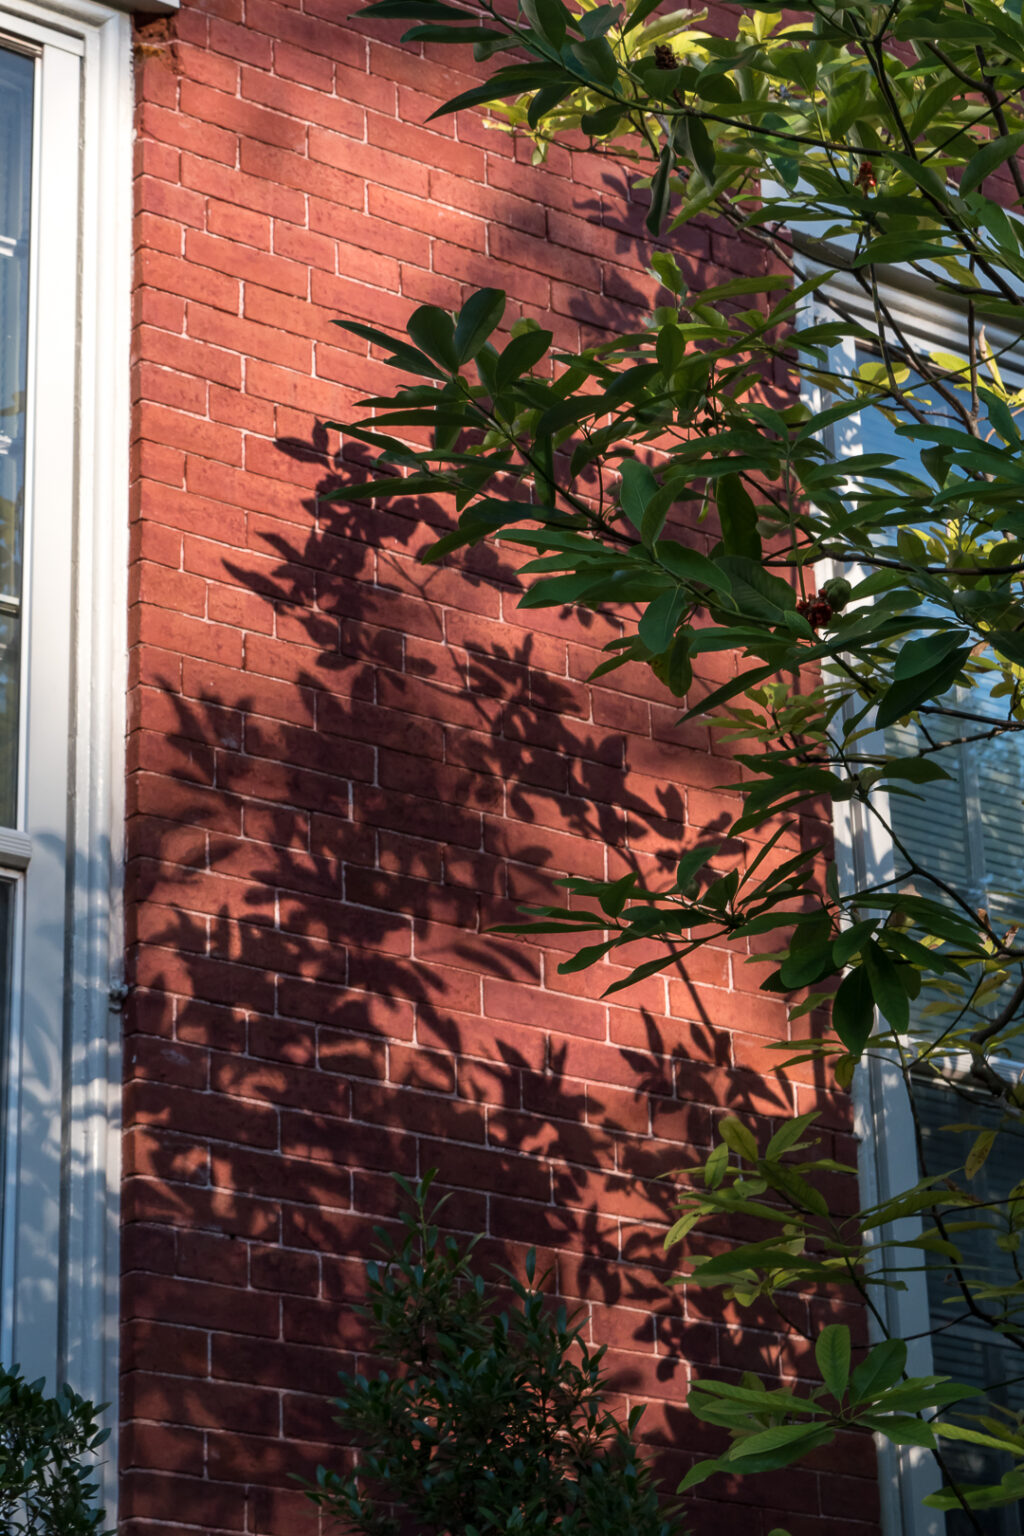 Plant shadows on a house